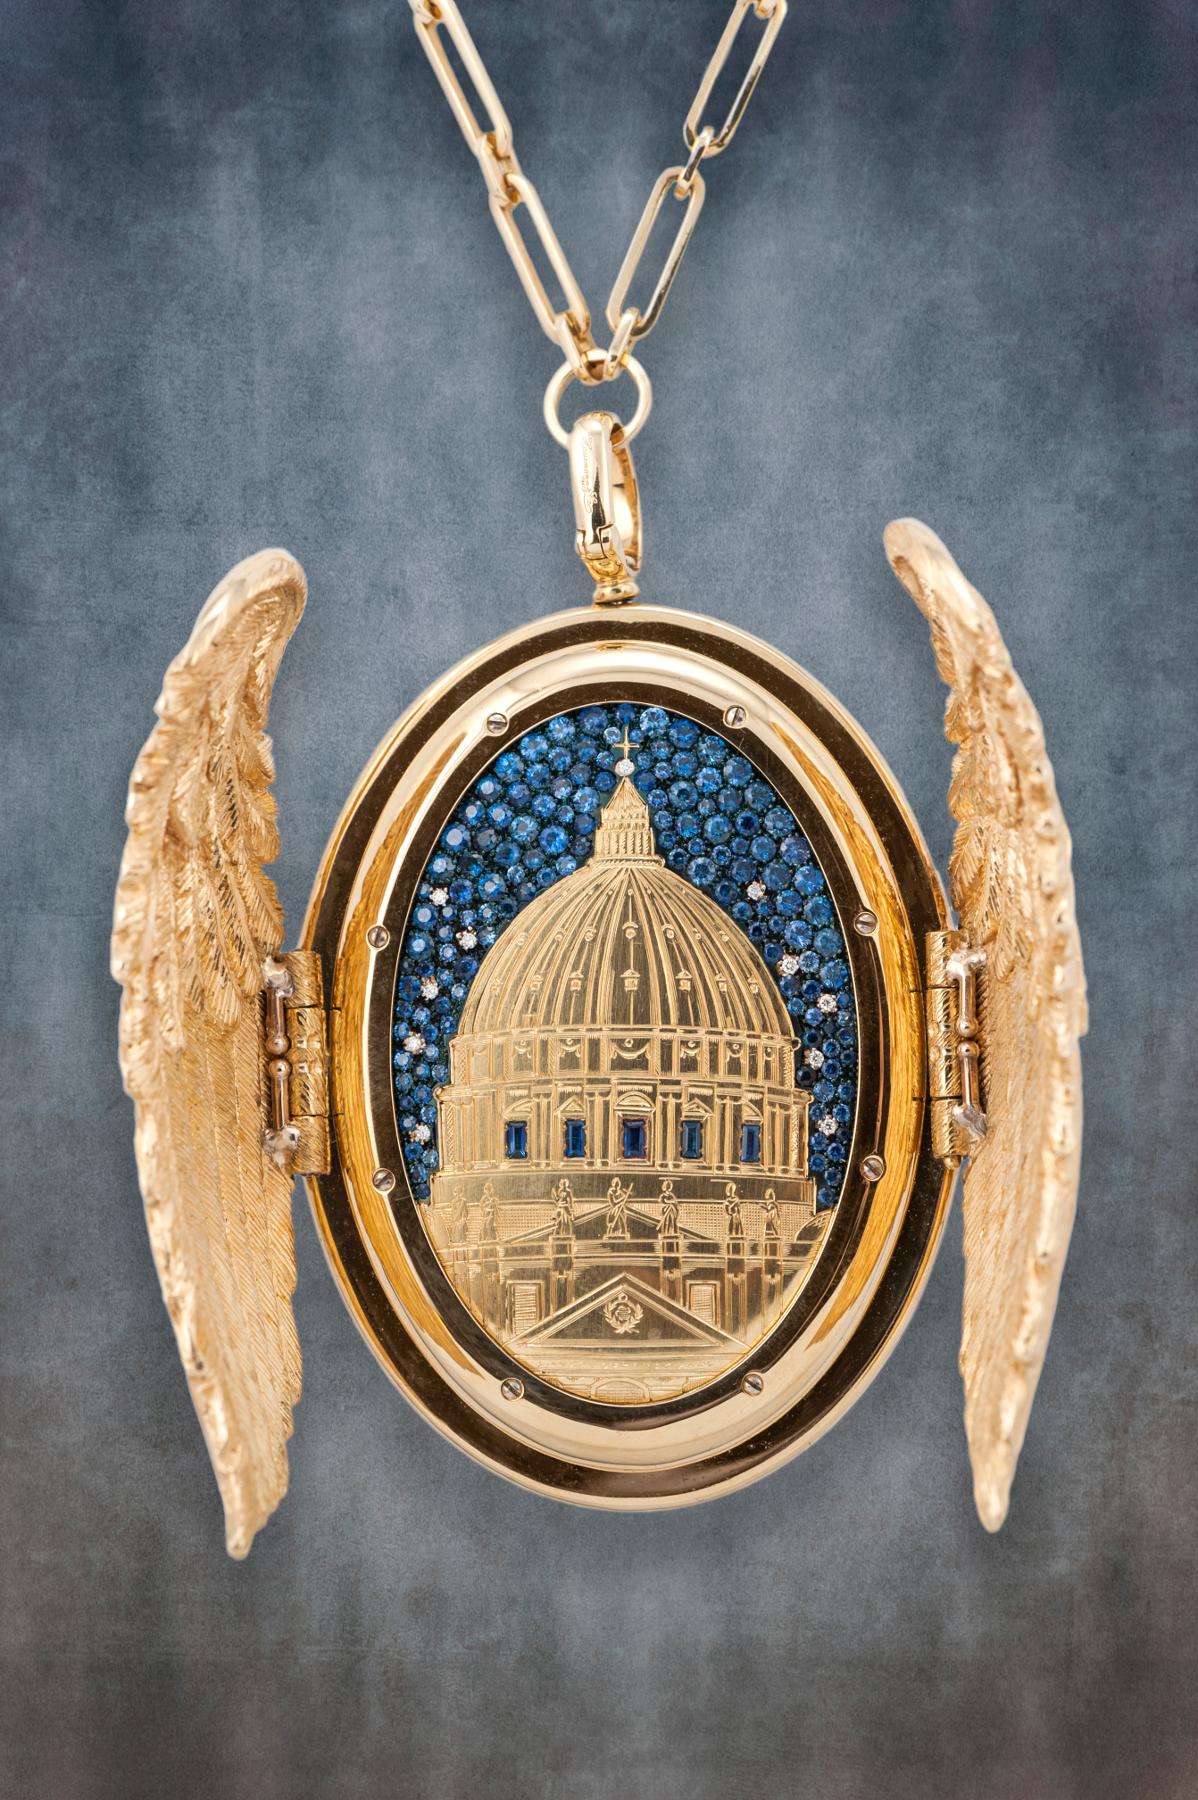 Il lato principale del ciondolo, con le ali aperte che svelano la notte stellata sopra S. Pietro